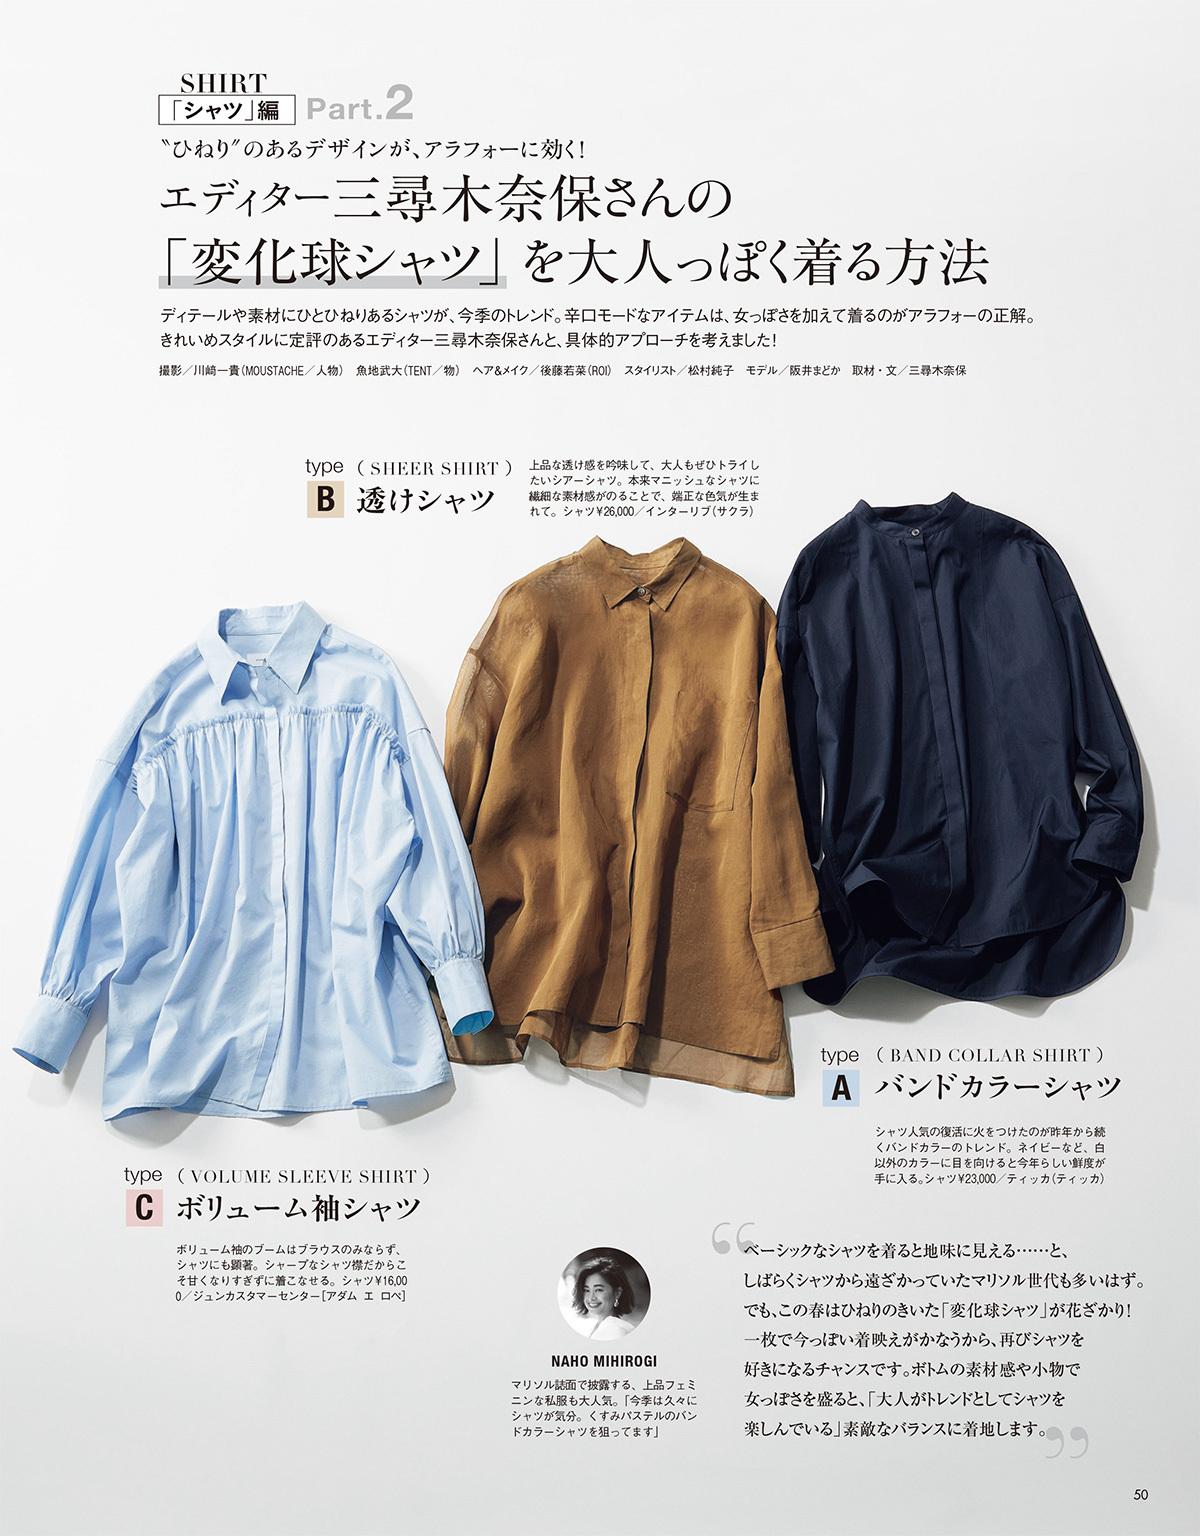 エディター三尋木奈保さんの「変化球シャツ」を大人っぽく着る方法